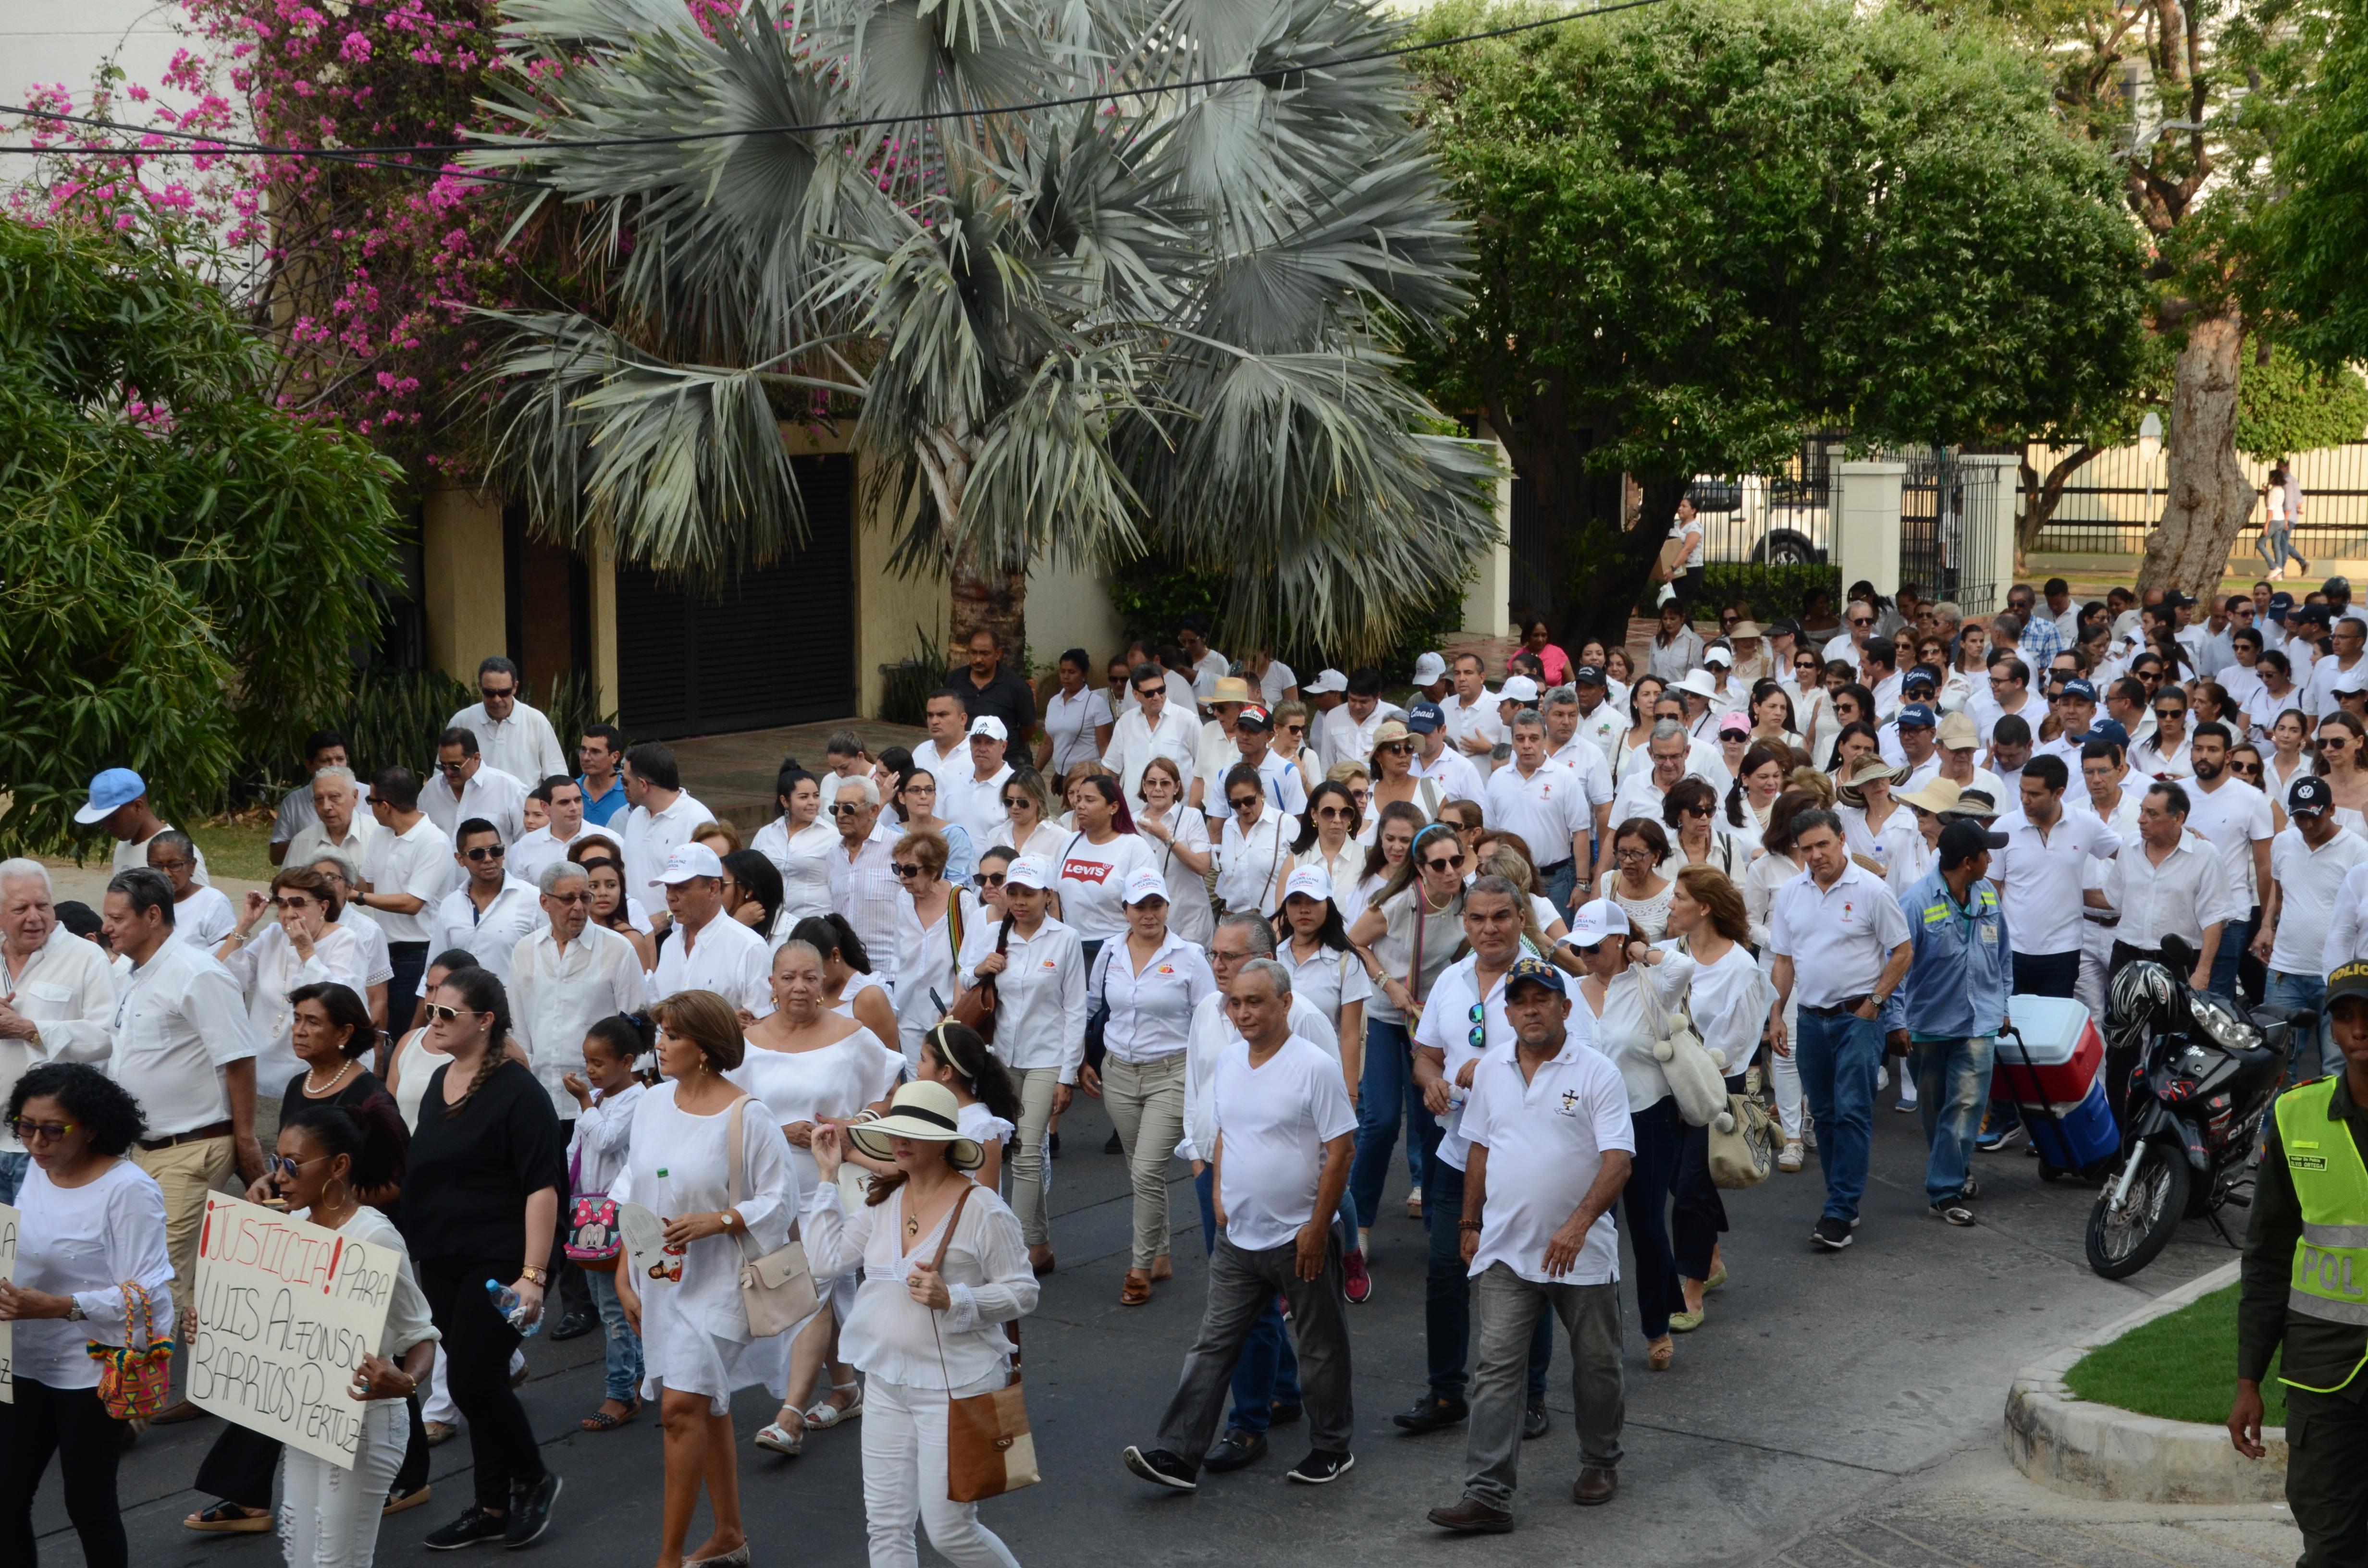 La marcha pidiendo justicia congregó a numerosos familiares y amigos, el pasado sábado en Valledupar.